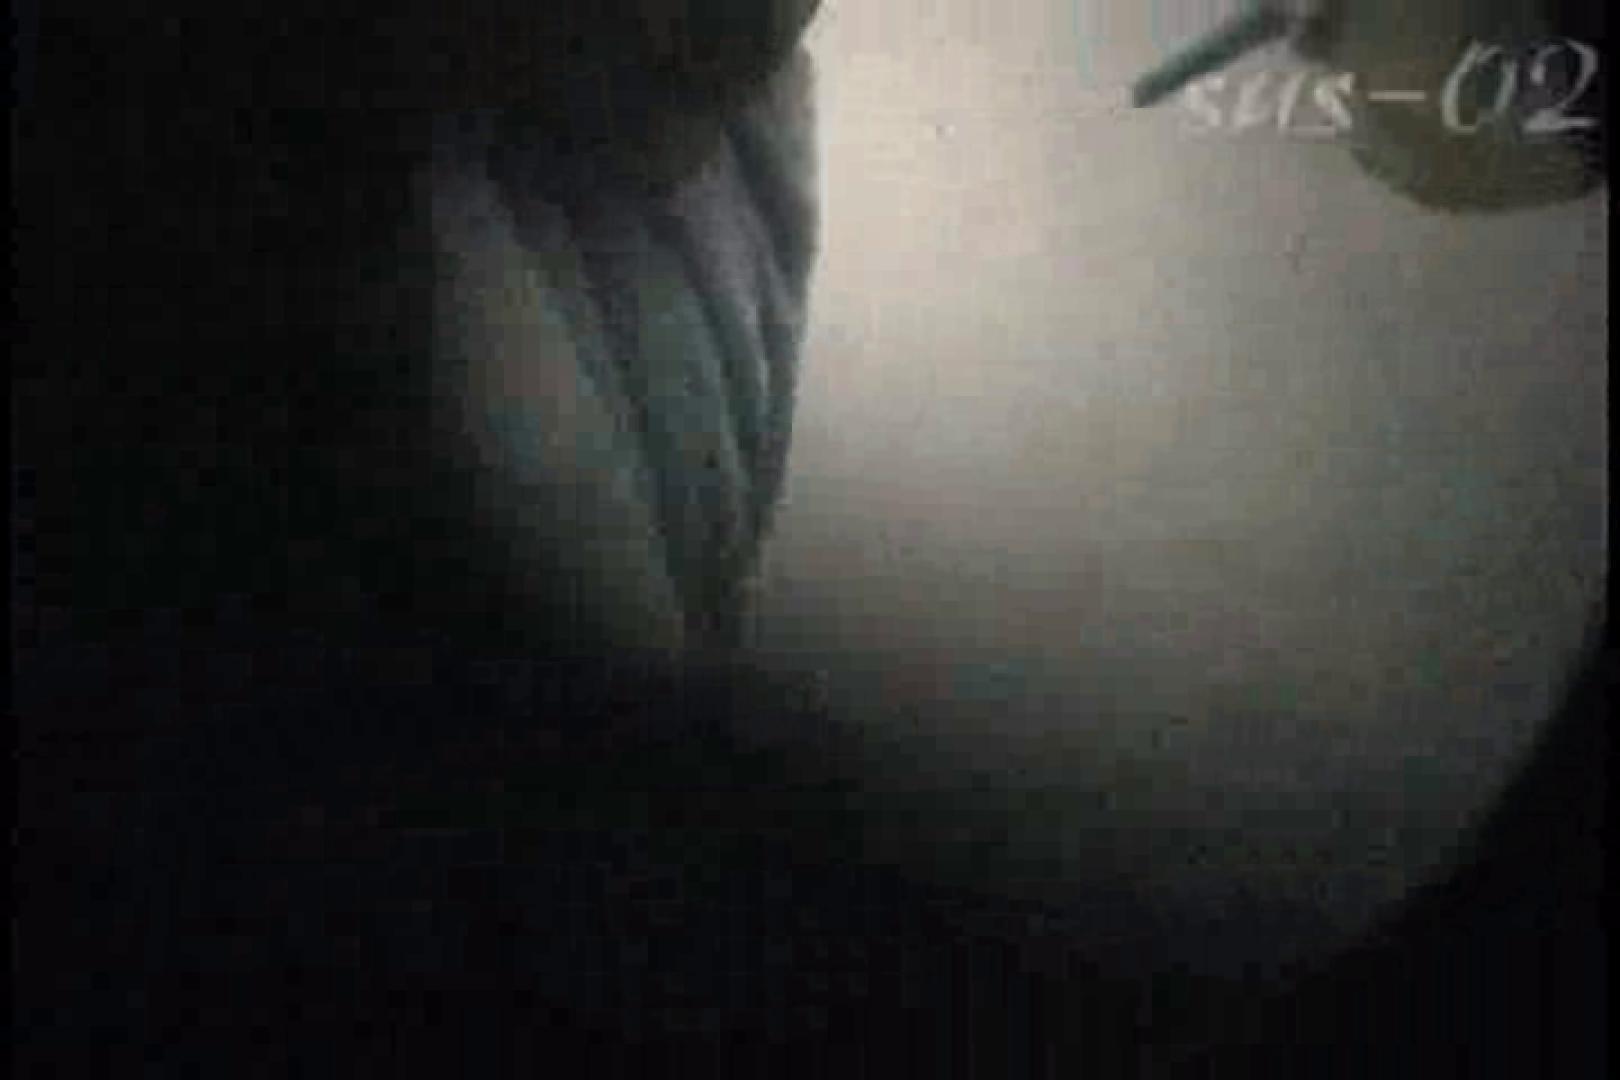 サターンさんのウル技炸裂!!夏乙女★海の家シャワー室絵巻 Vol.02 シャワー室  95枚 90